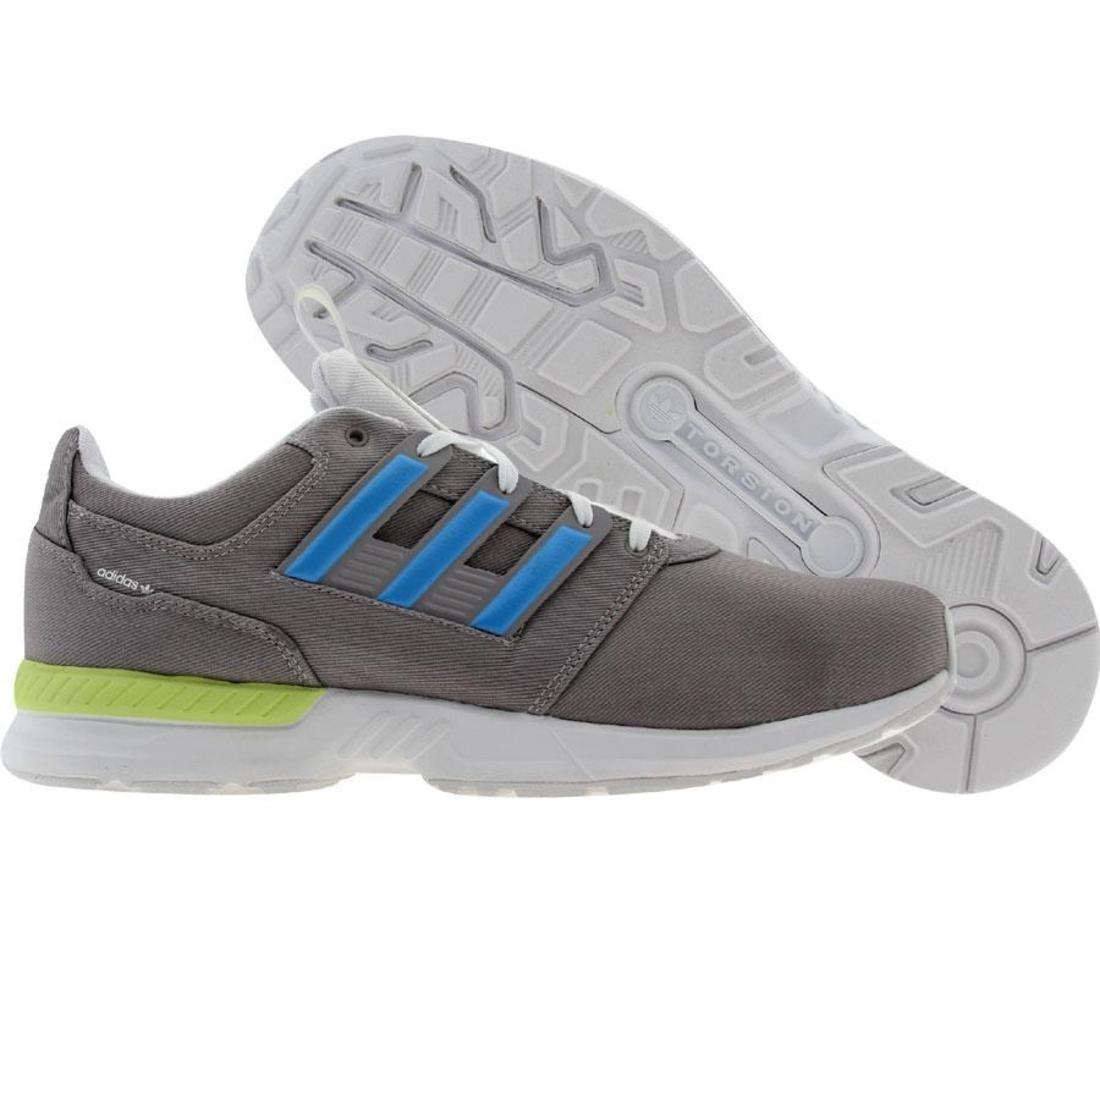 【海外限定】アディダス クラシック 靴 メンズ靴 【 ADIDAS SR1 CLASSIC ALUMINUM ORIBLU RUNNINWHITE 】